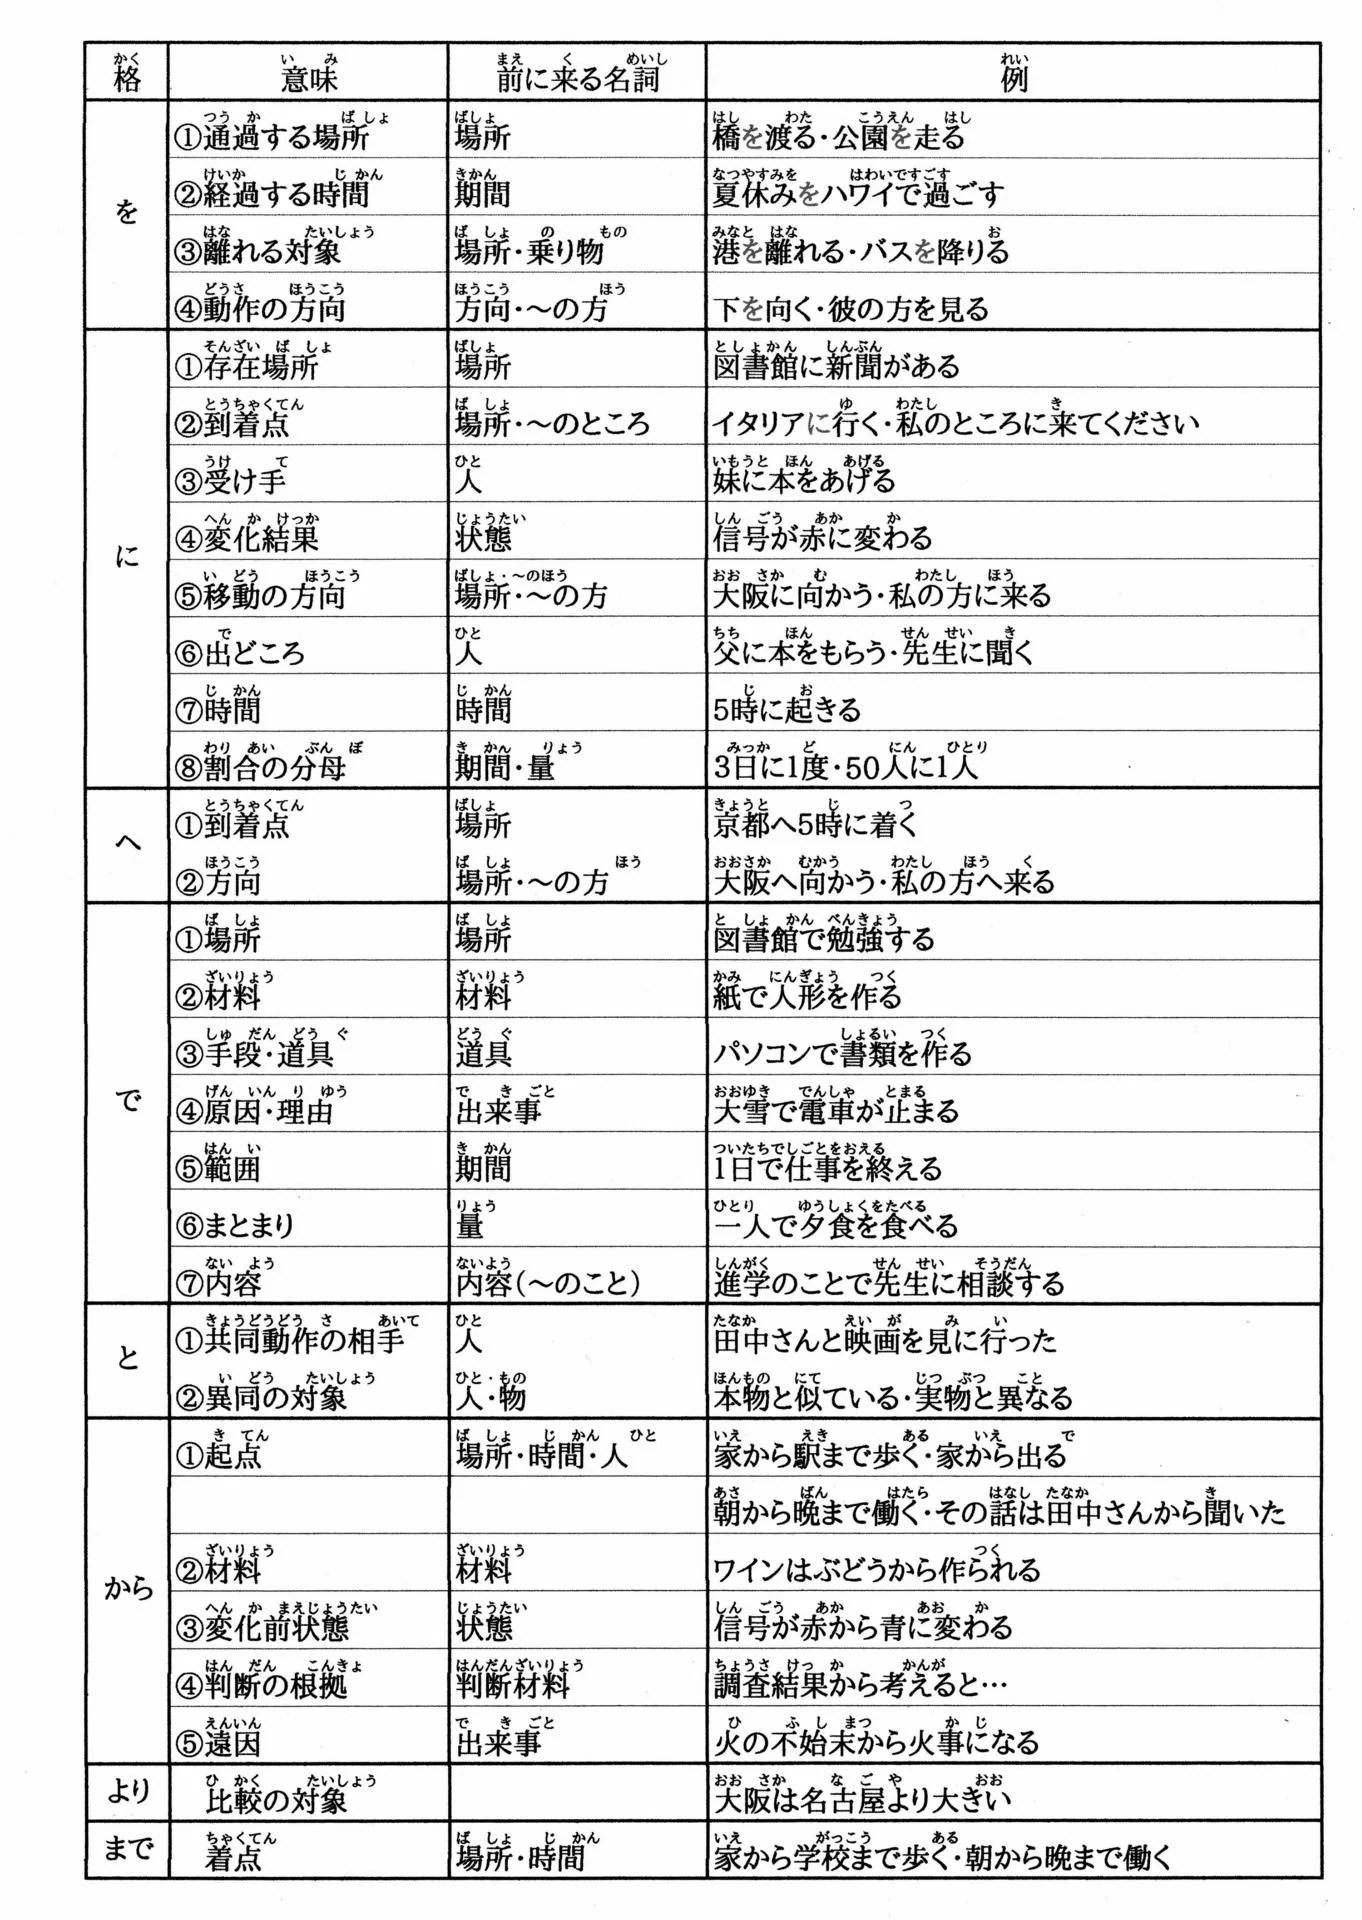 格助詞 - ばばちゃんのおっちゃんの日本語の先生への道